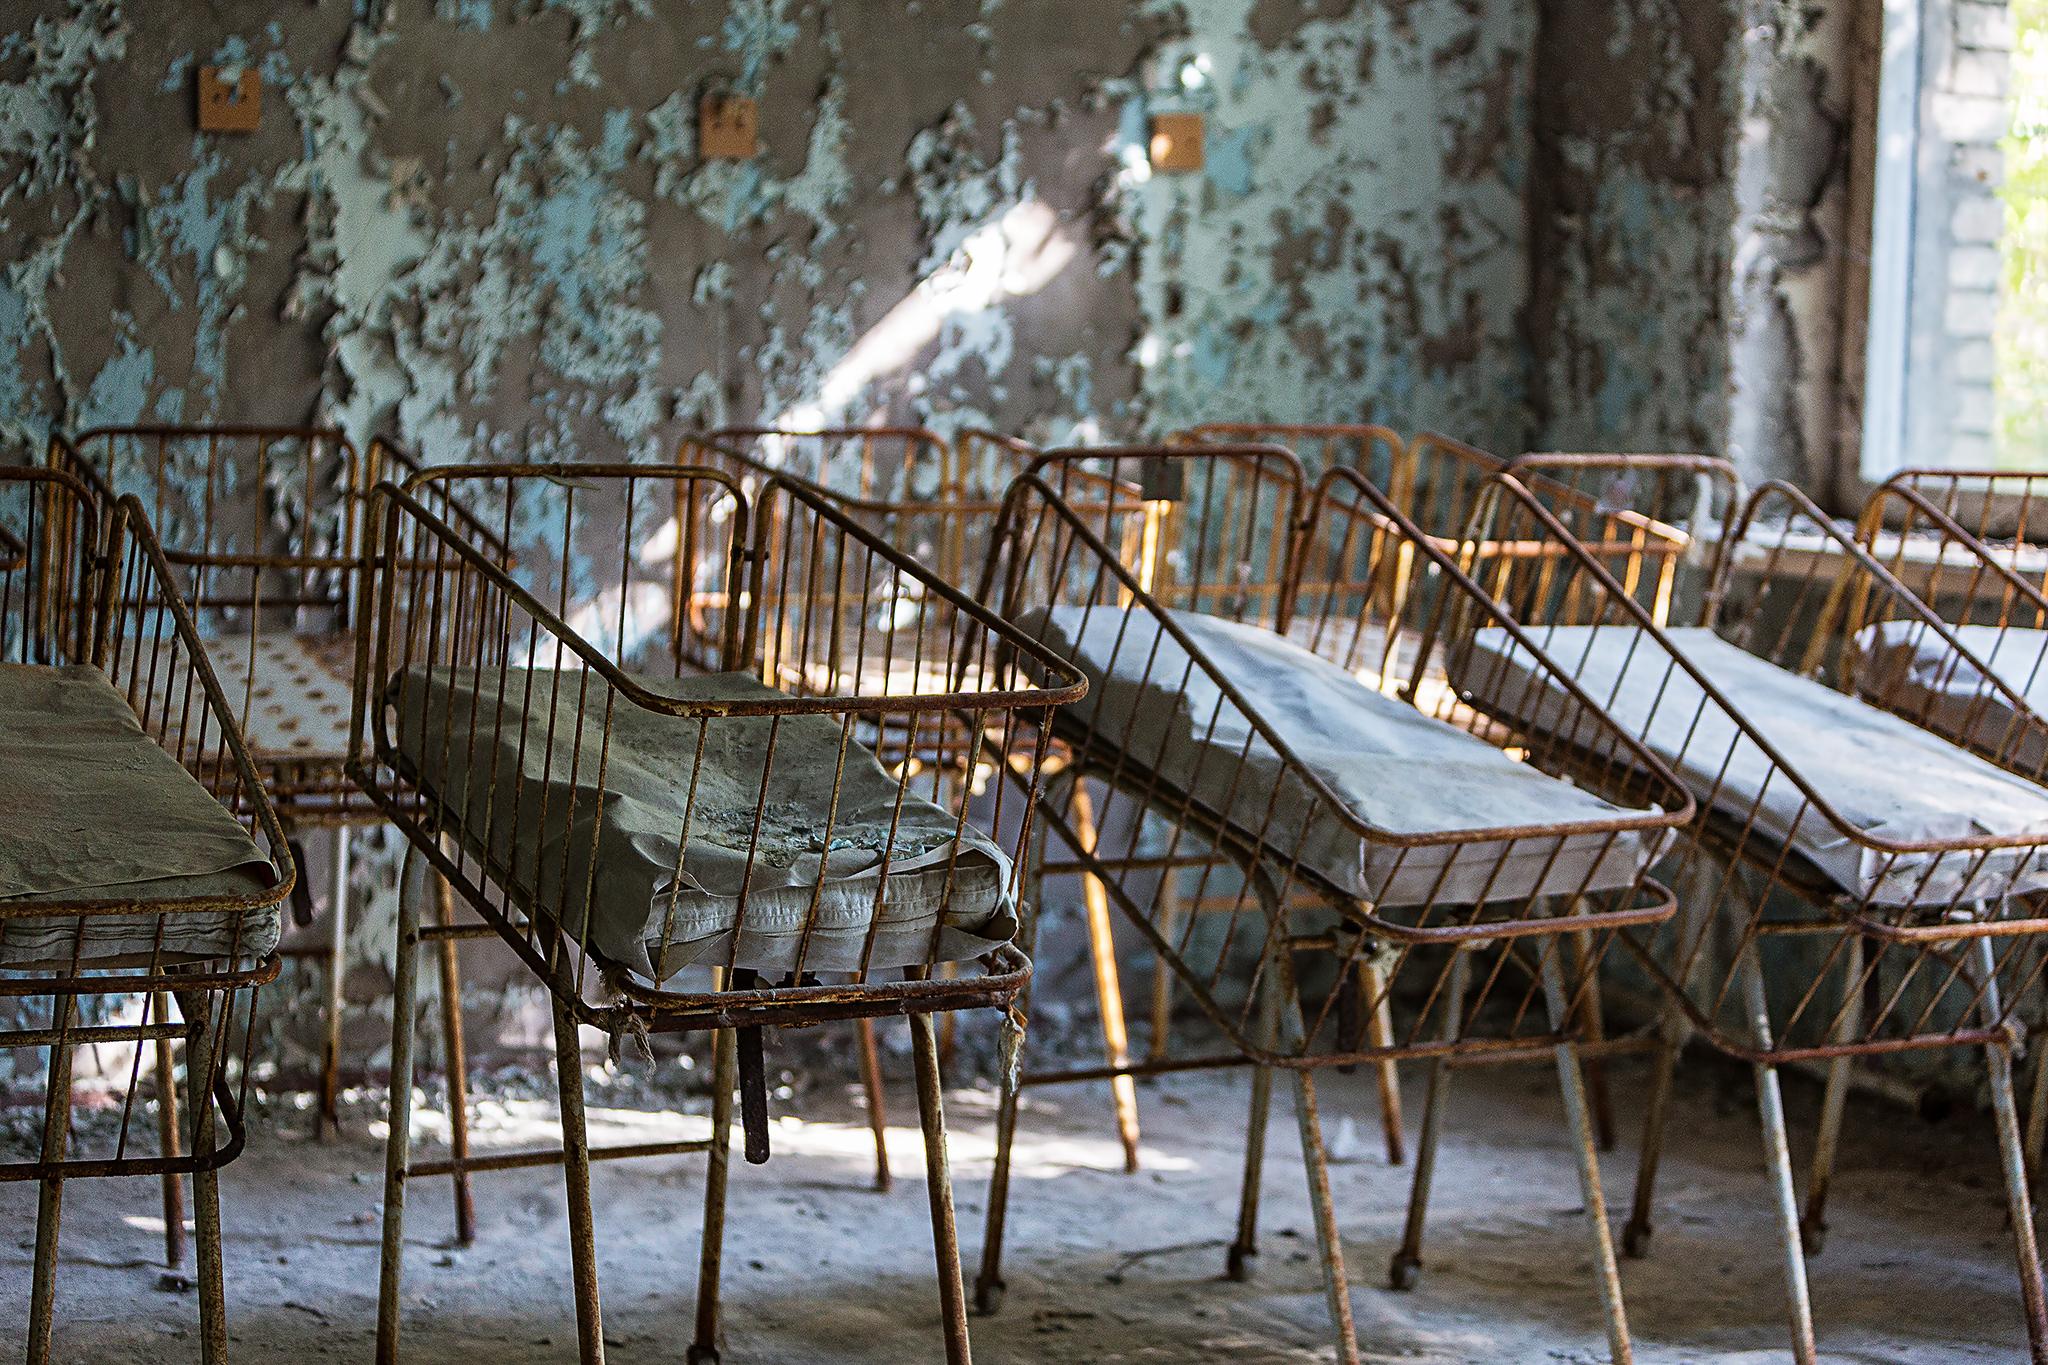 Kinderbetten im alten Krankenhaus von Prypiat